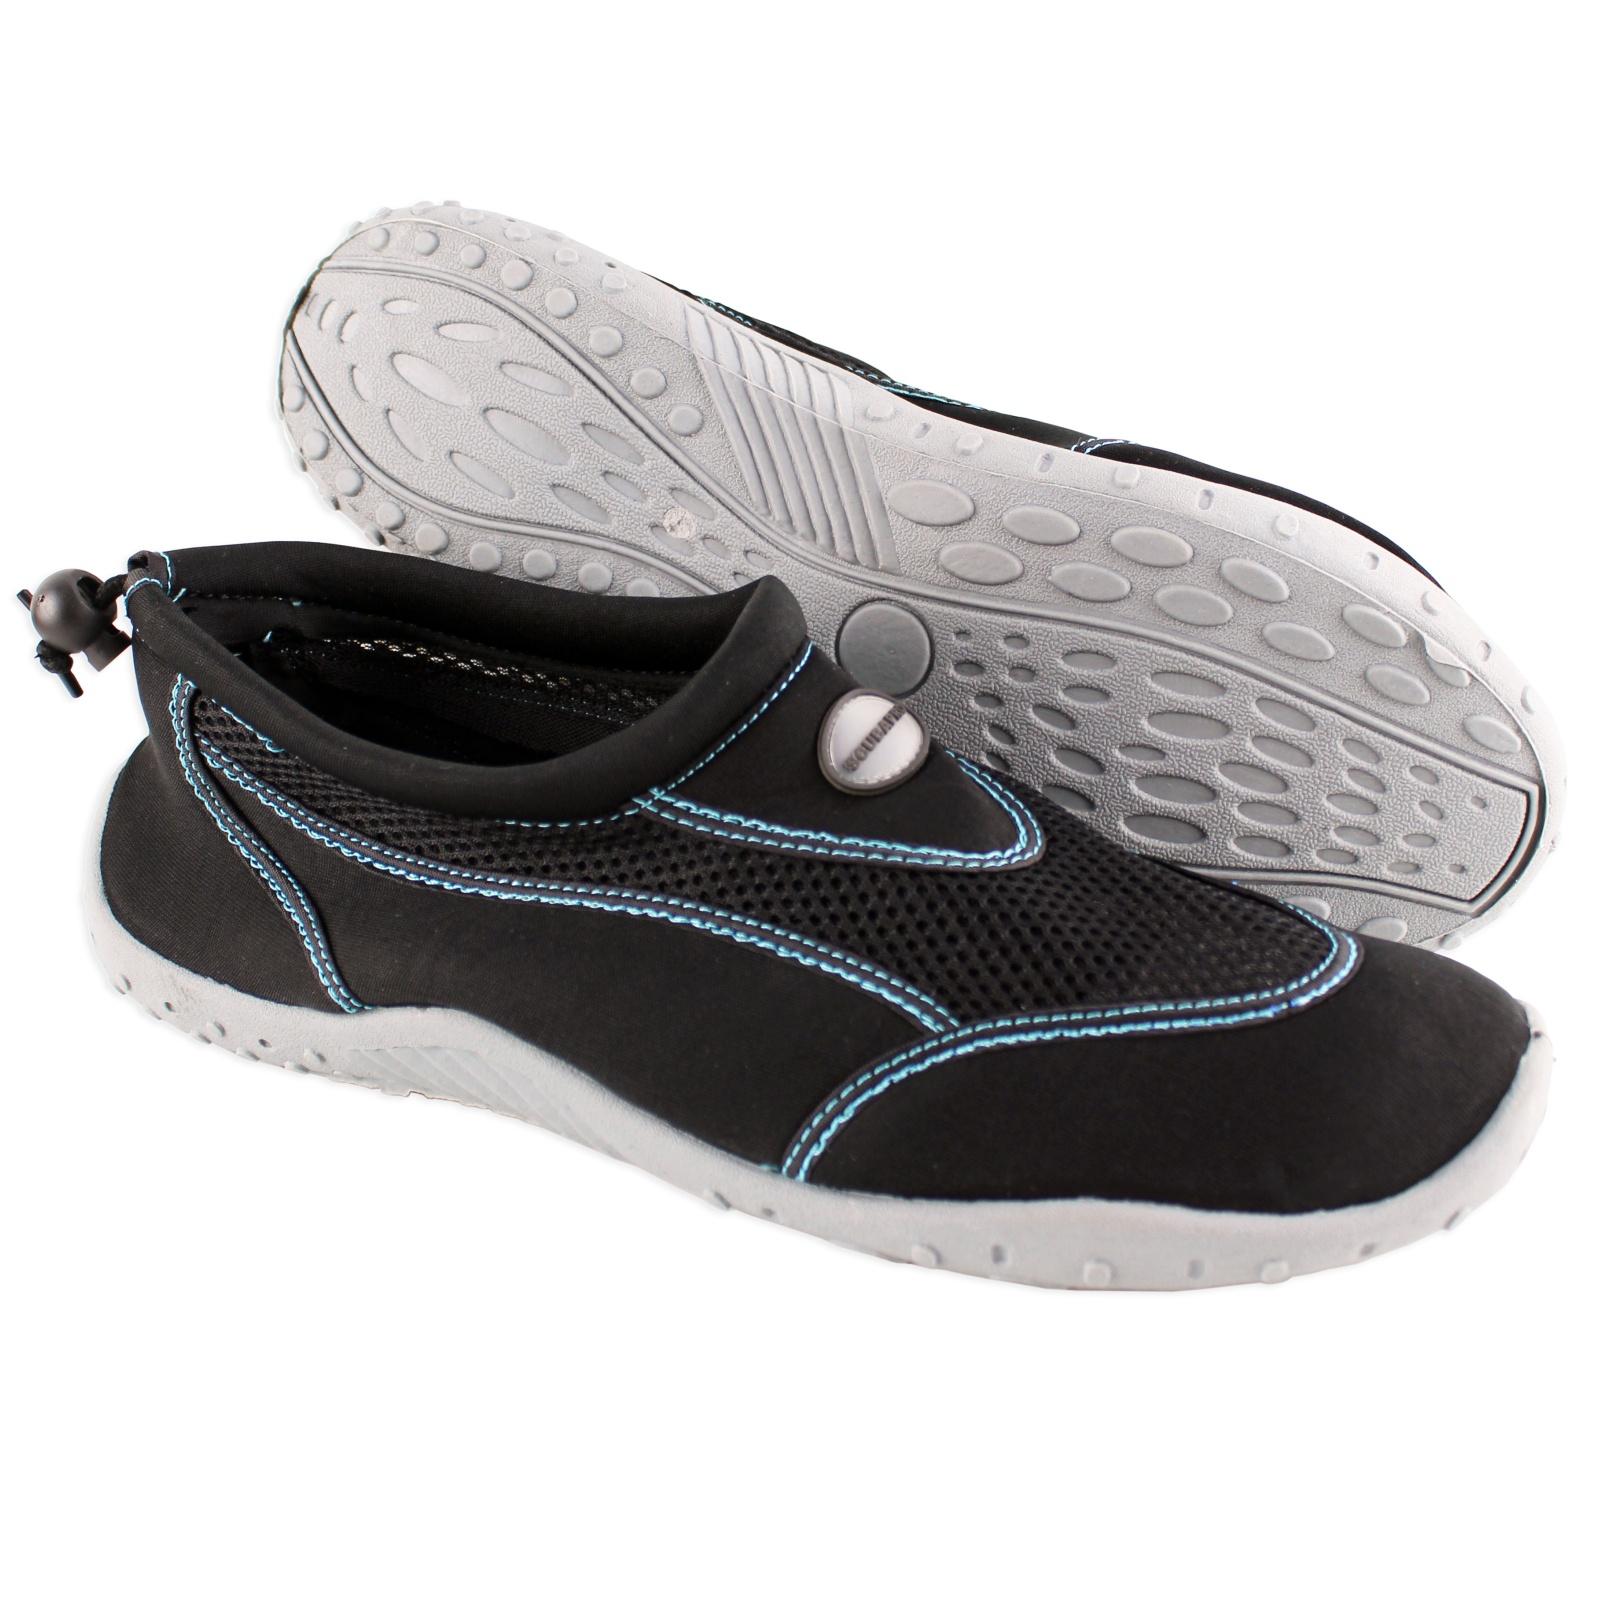 Neoprenové topánky SCUBAPRO Kailua - veľ. 38